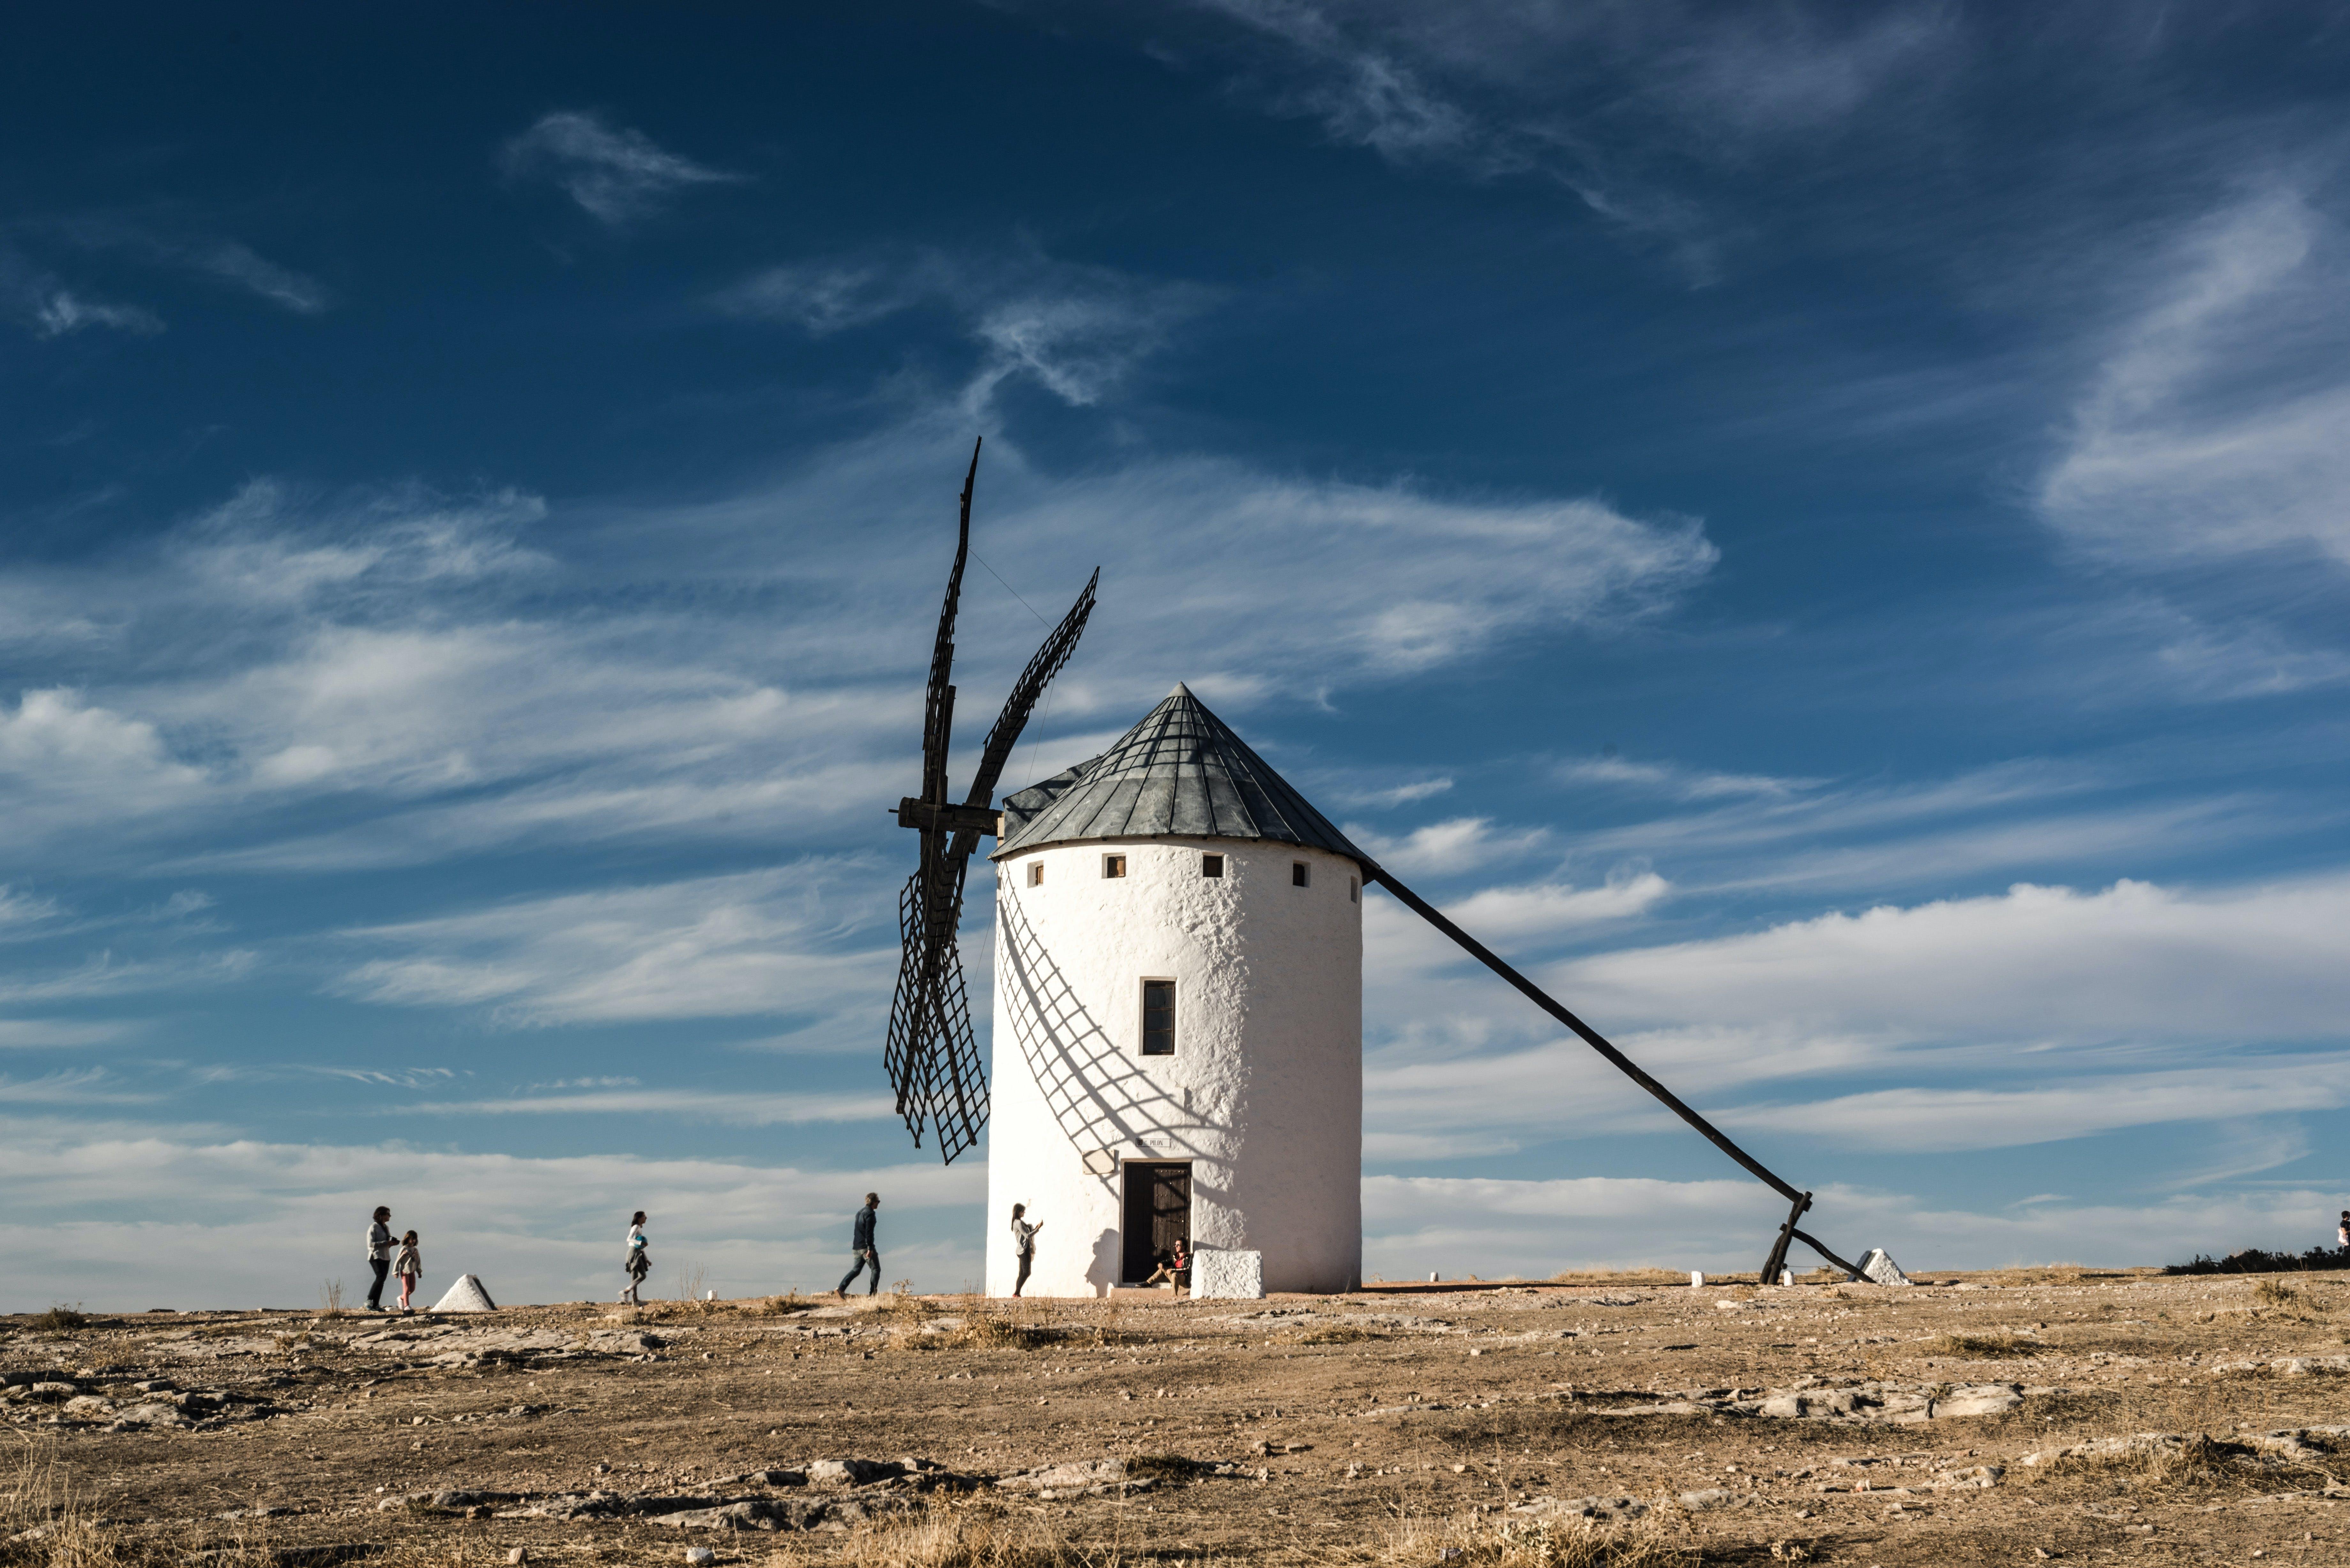 Foto d'estoc gratuïta de arquitectura, camp, castella-la manxa, energia renovable